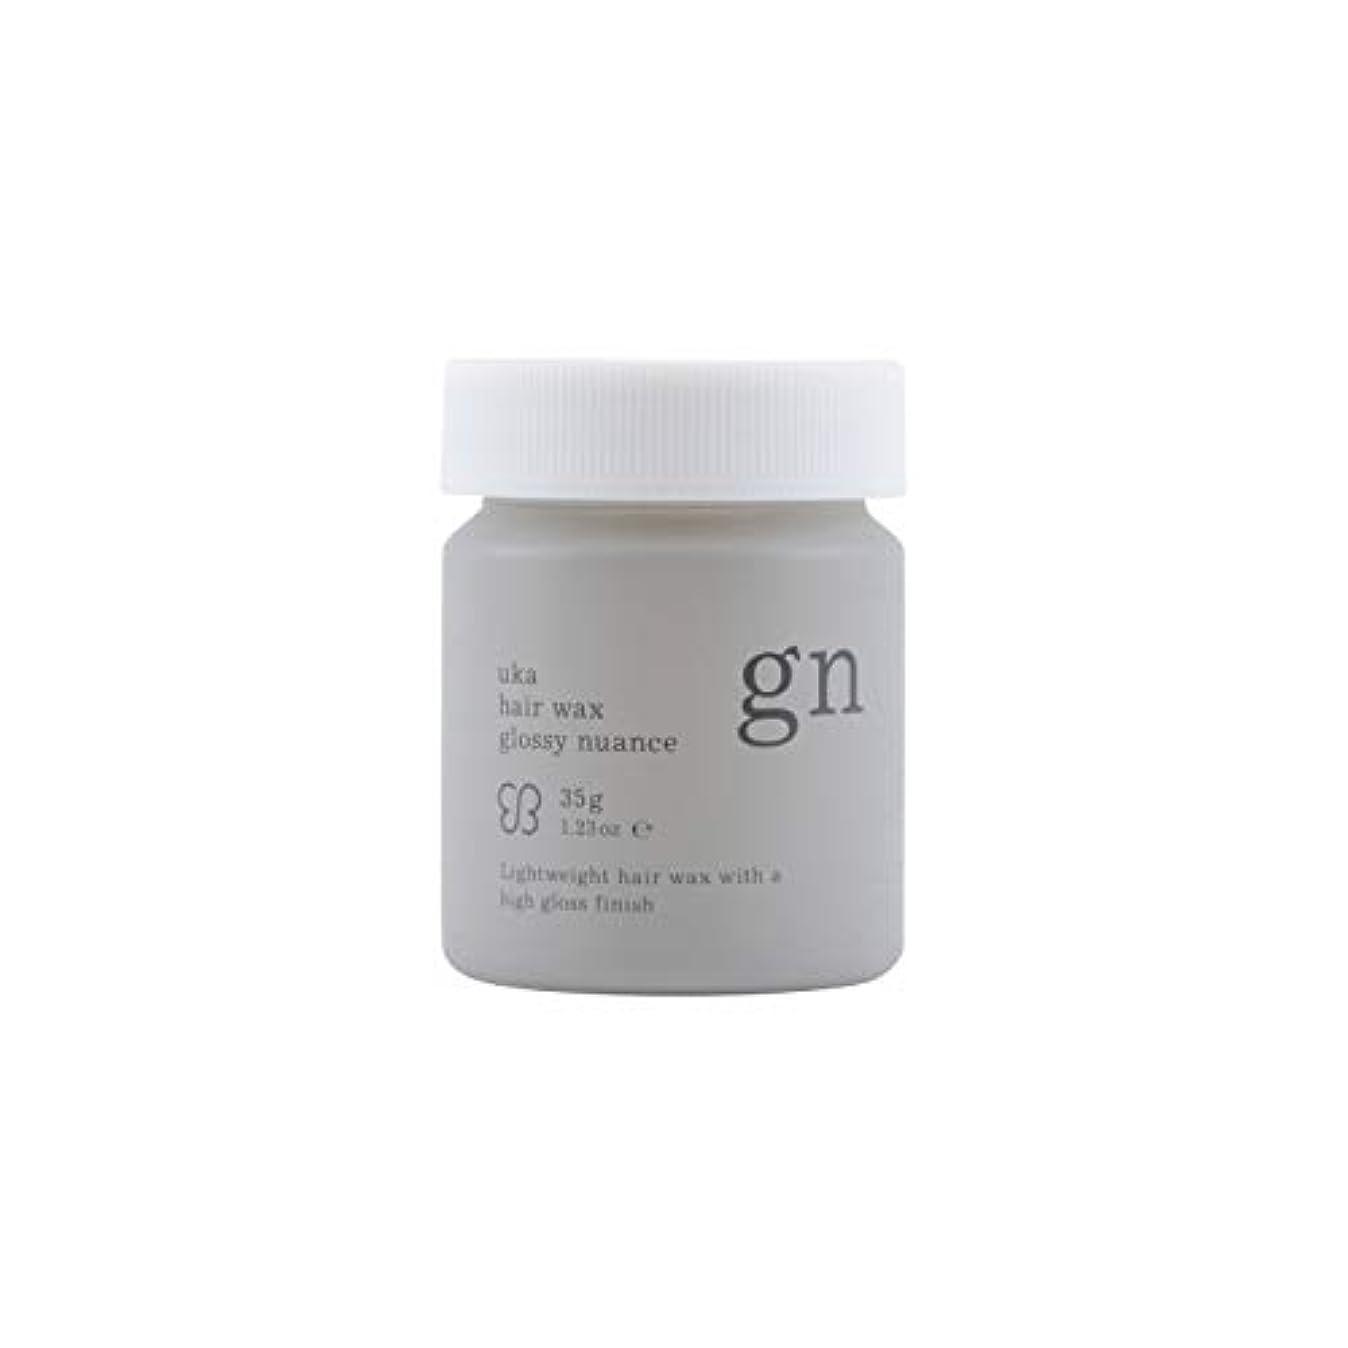 格差ヘロイン生産性ウカ(uka) uka Hair Wax Glossy Nuance ヘアワックス 35g